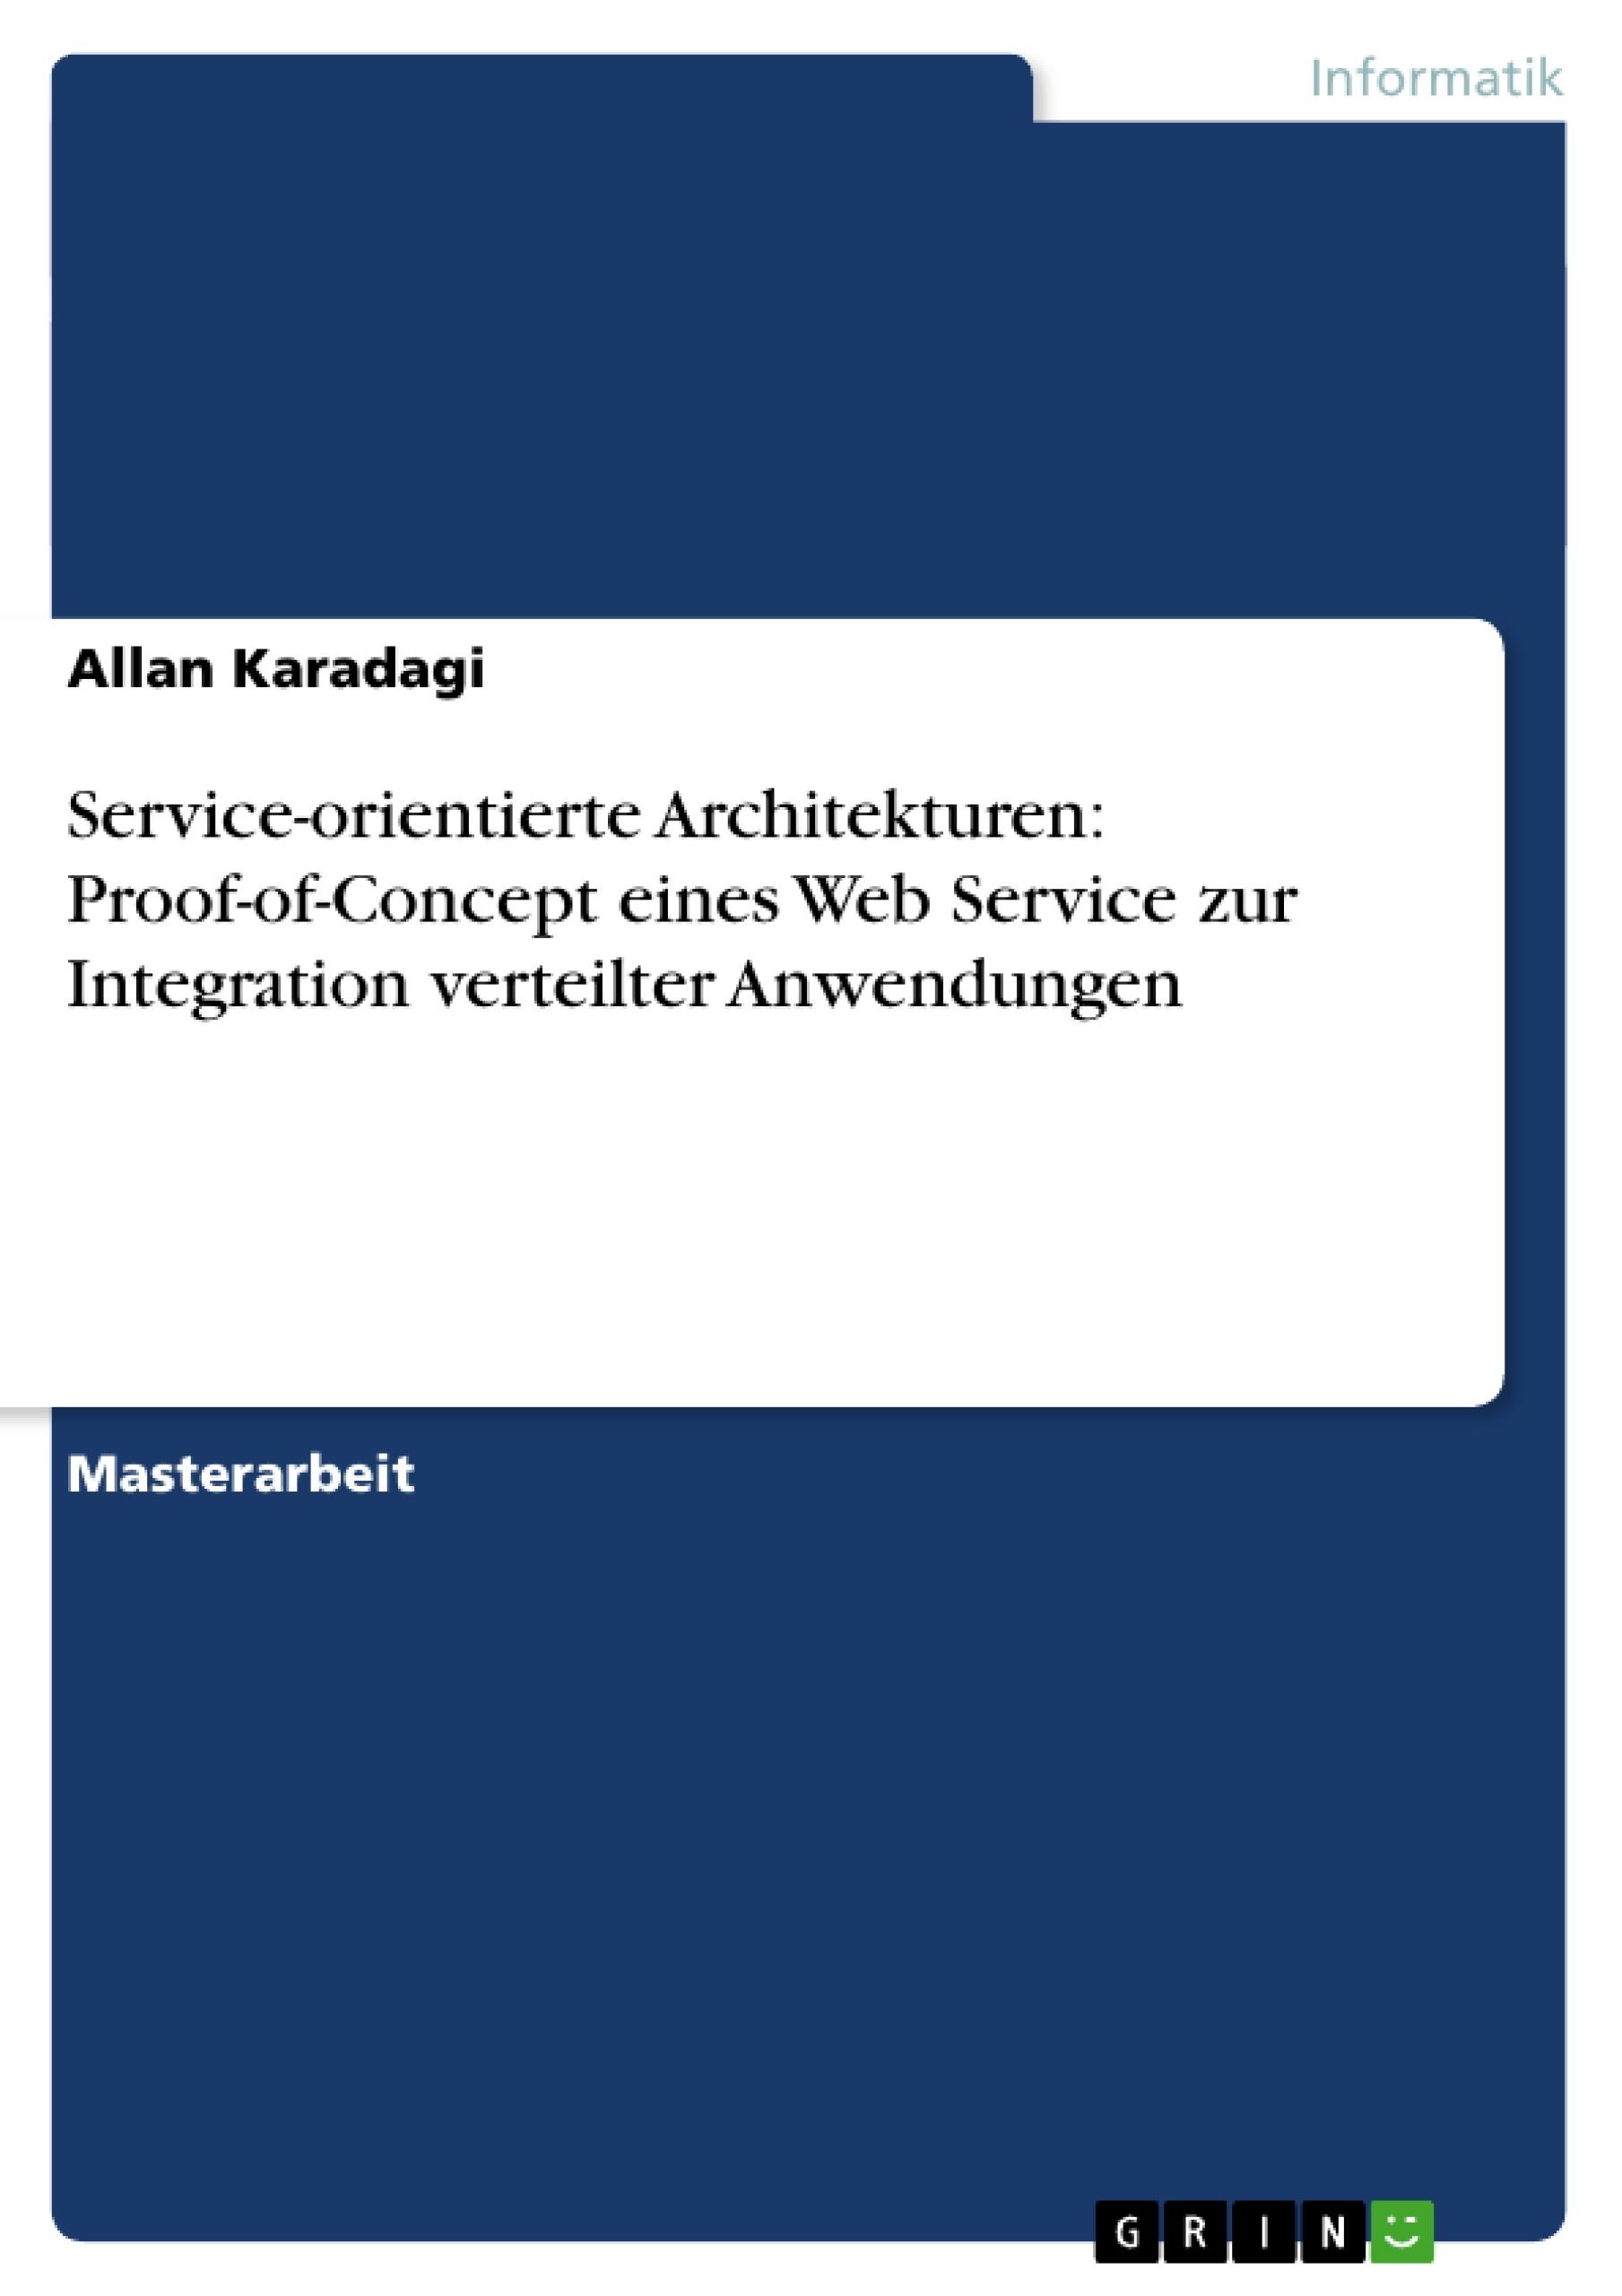 Service orientierte architekturen proof of concept eines for Masterarbeit architektur